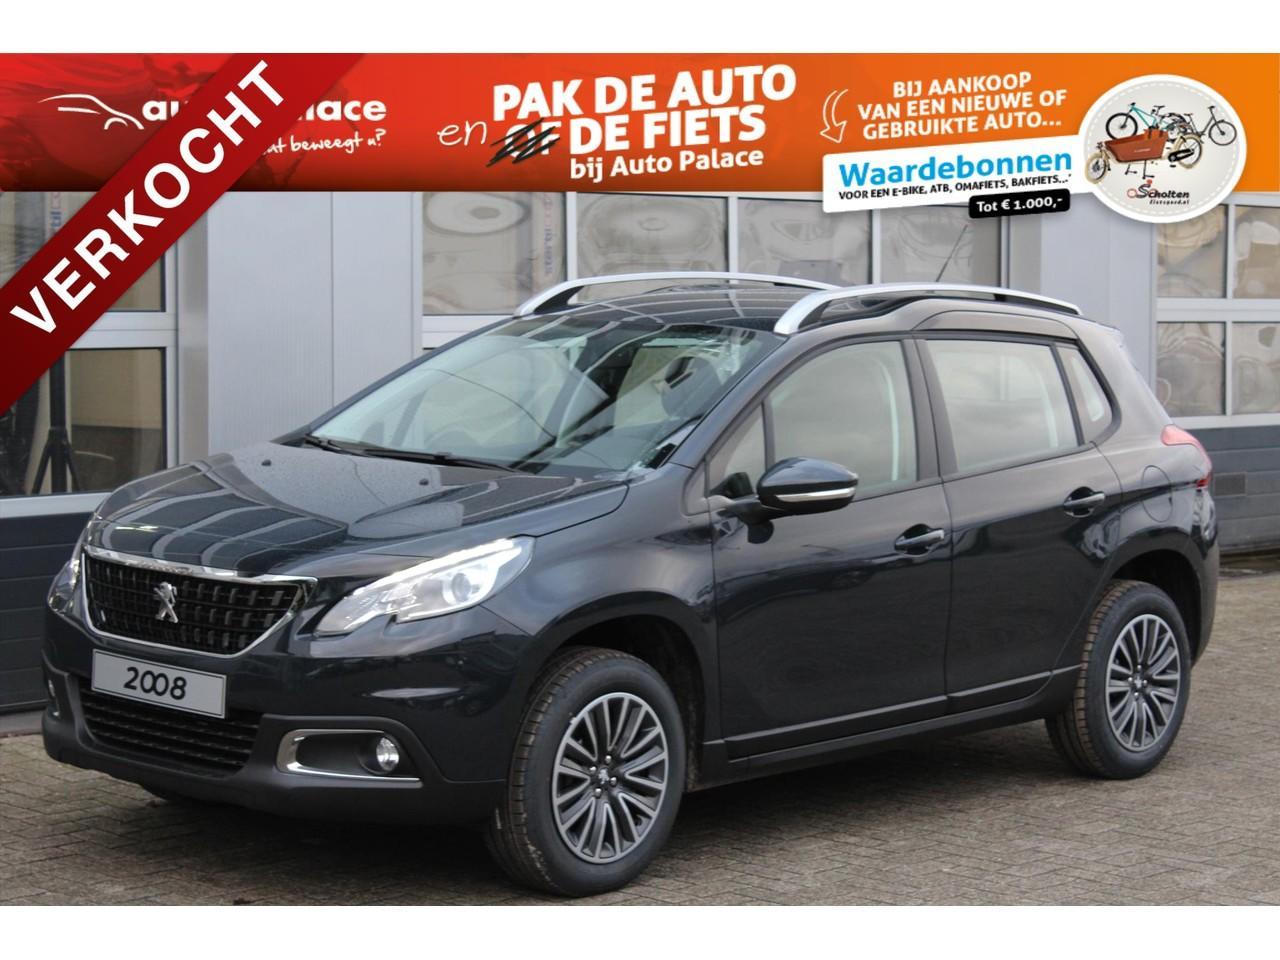 Peugeot 2008 Blue loin 1.2 puretech 82pk